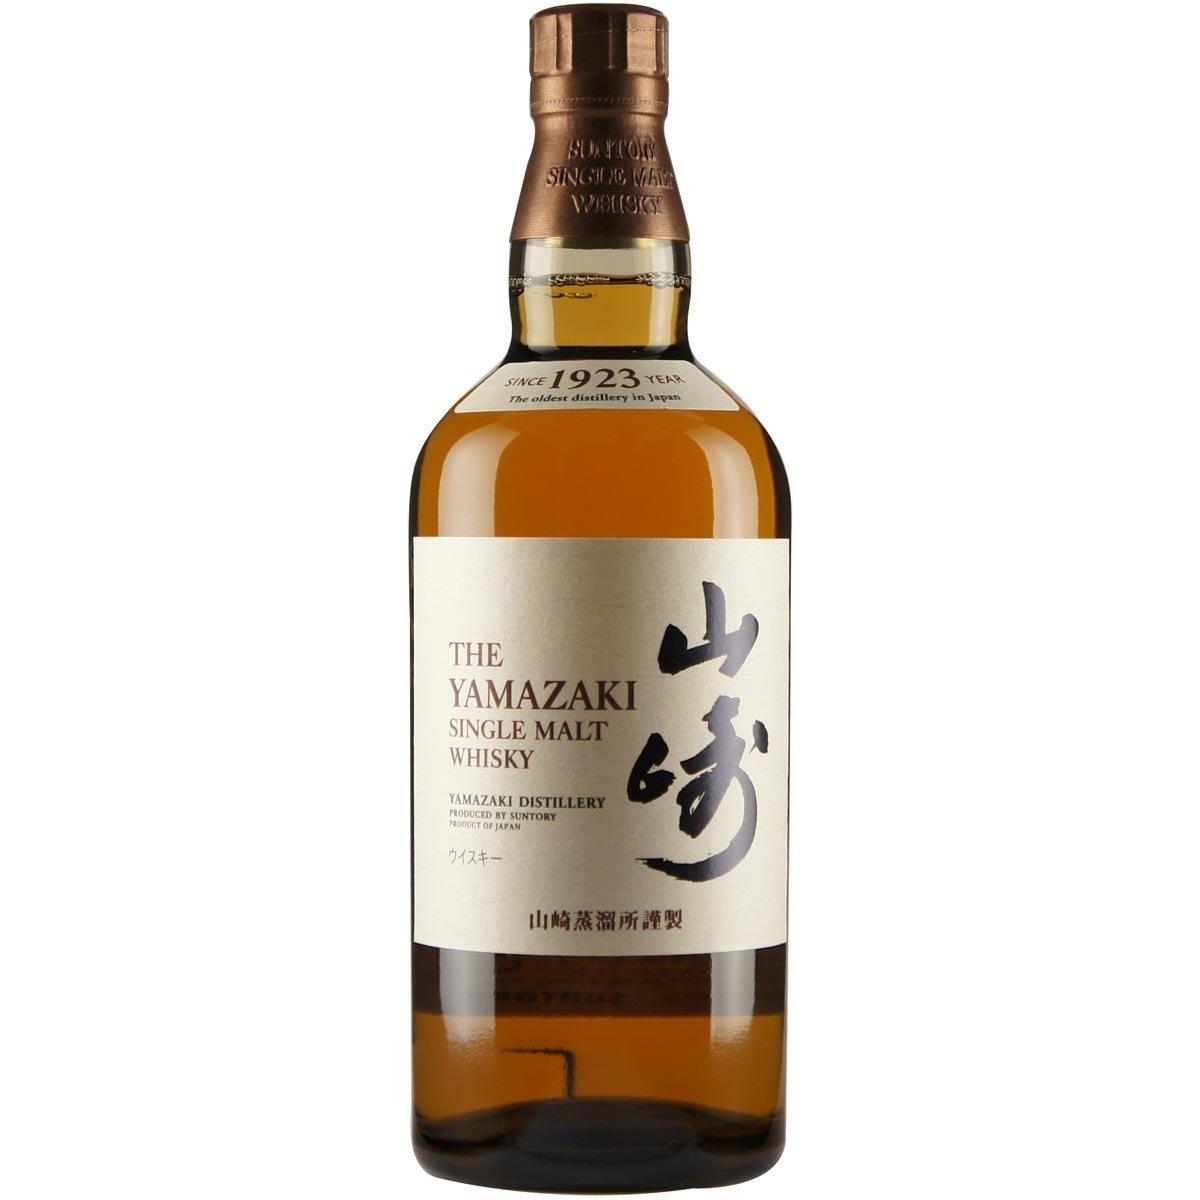 【神奈川県内配送限定】 サントリー シングルモルト ウイスキー 山崎 700ml カートンなし